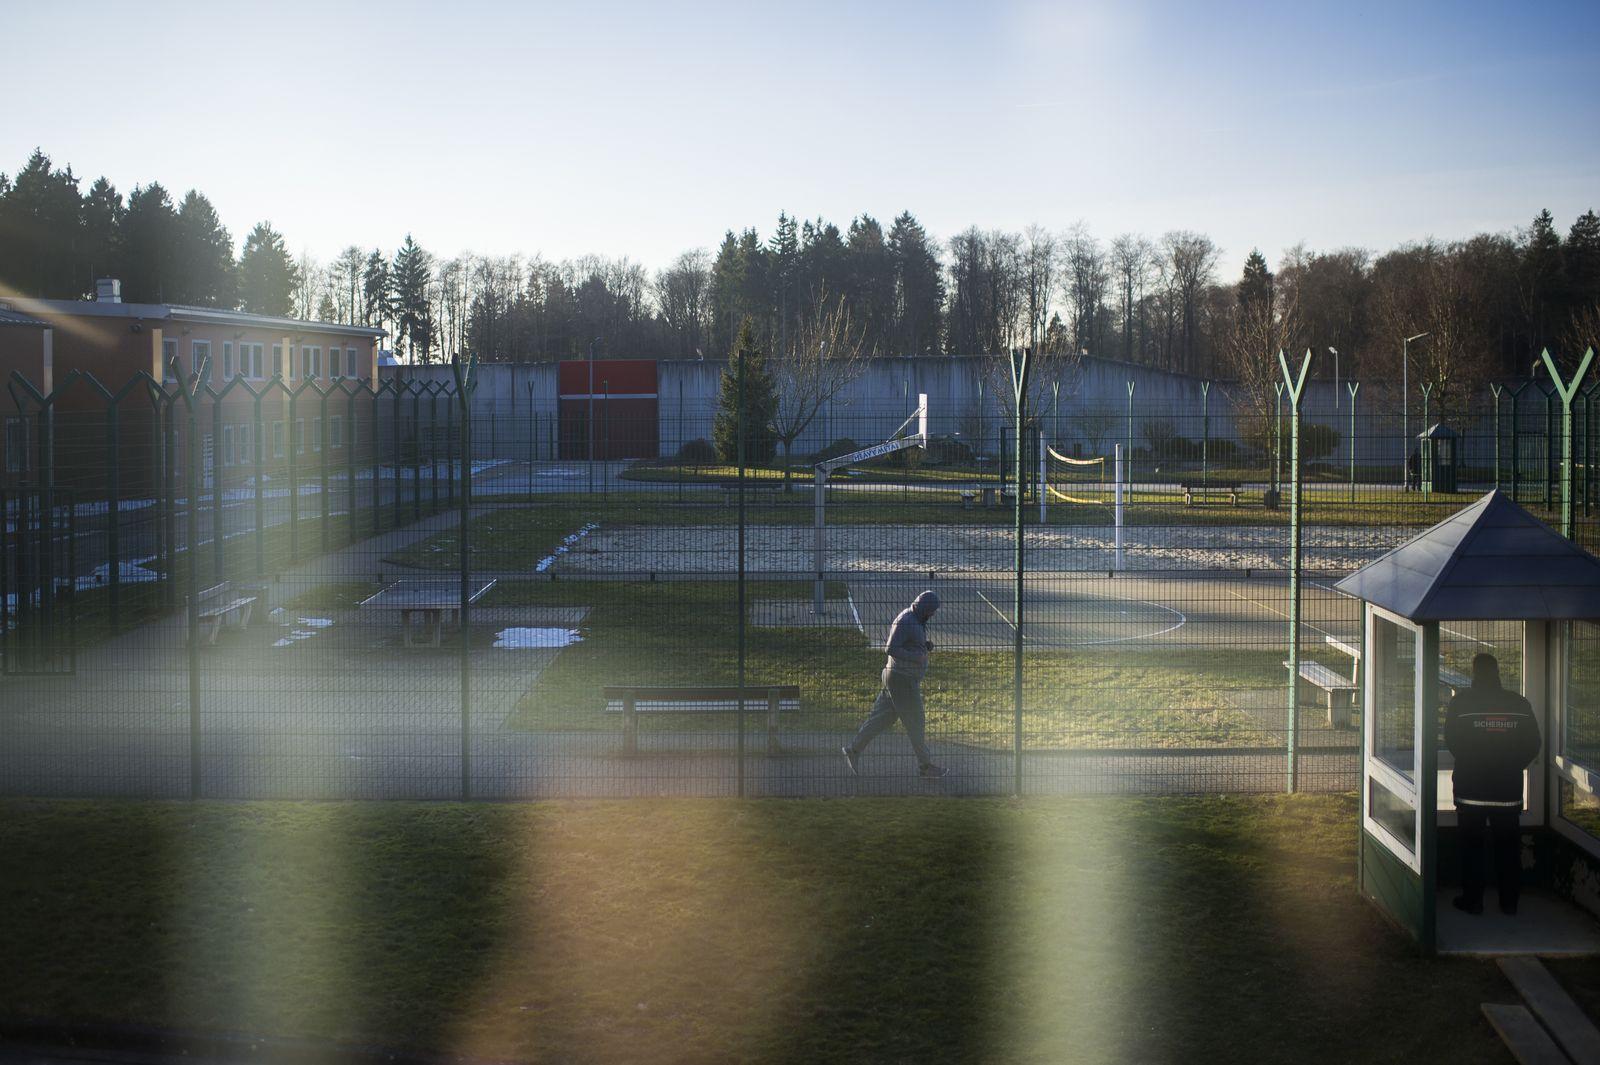 EINMALIGE VERWENDUNG STARTBILD SPIEGEL Plus SPIEGEL 18/2018 S.42 Abschiebehaftanstalt